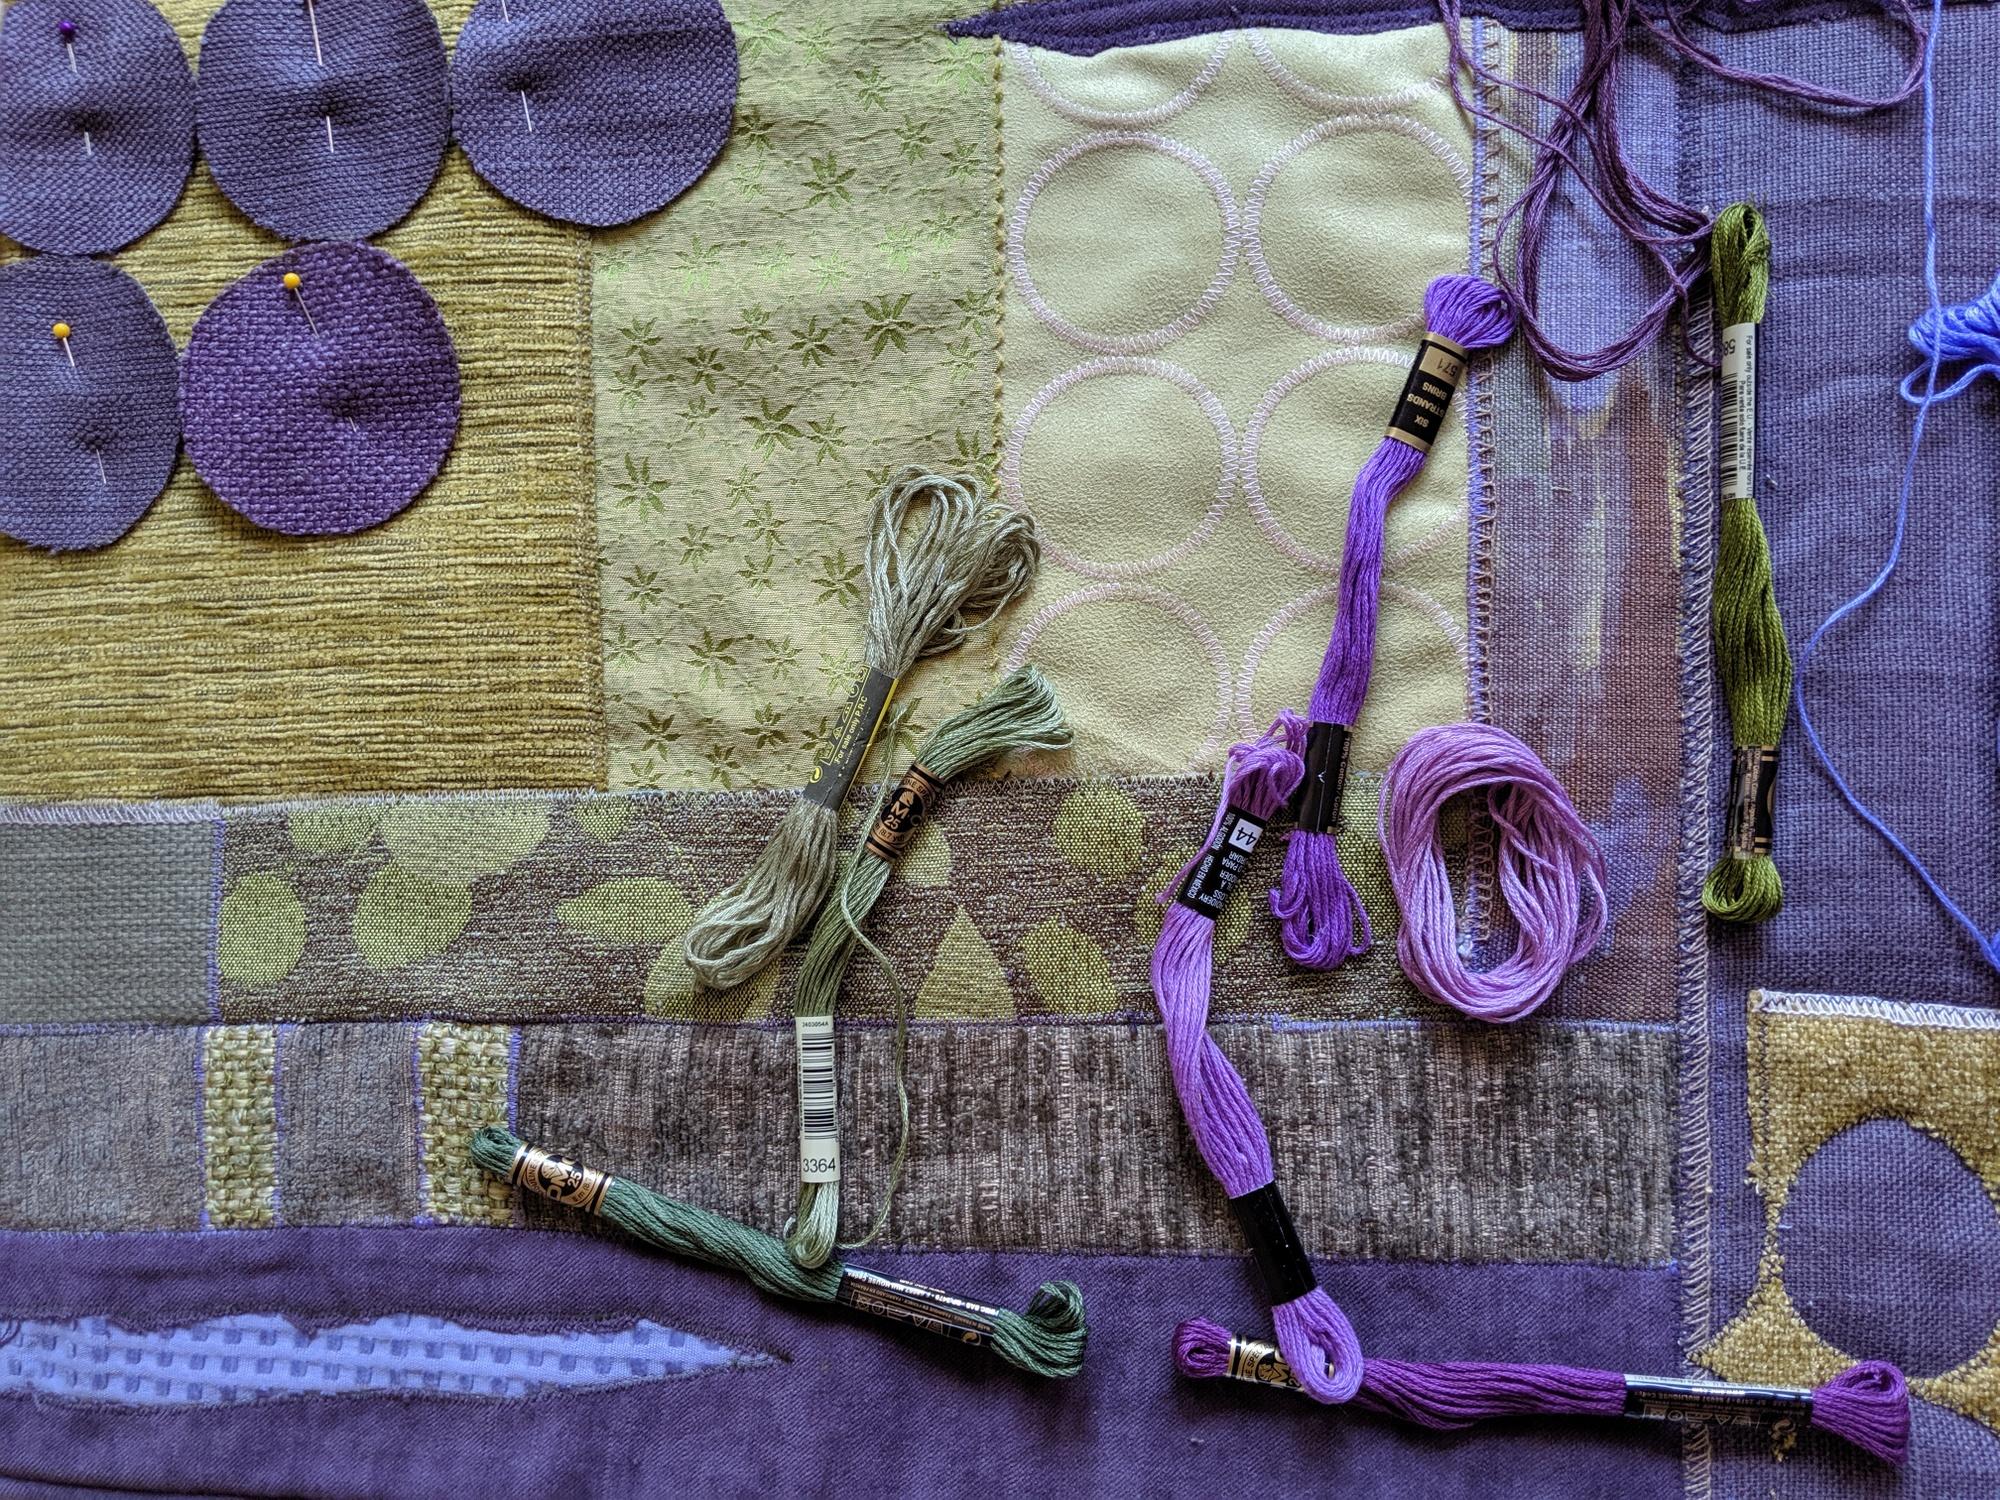 Art quilt in progress - choosing thread